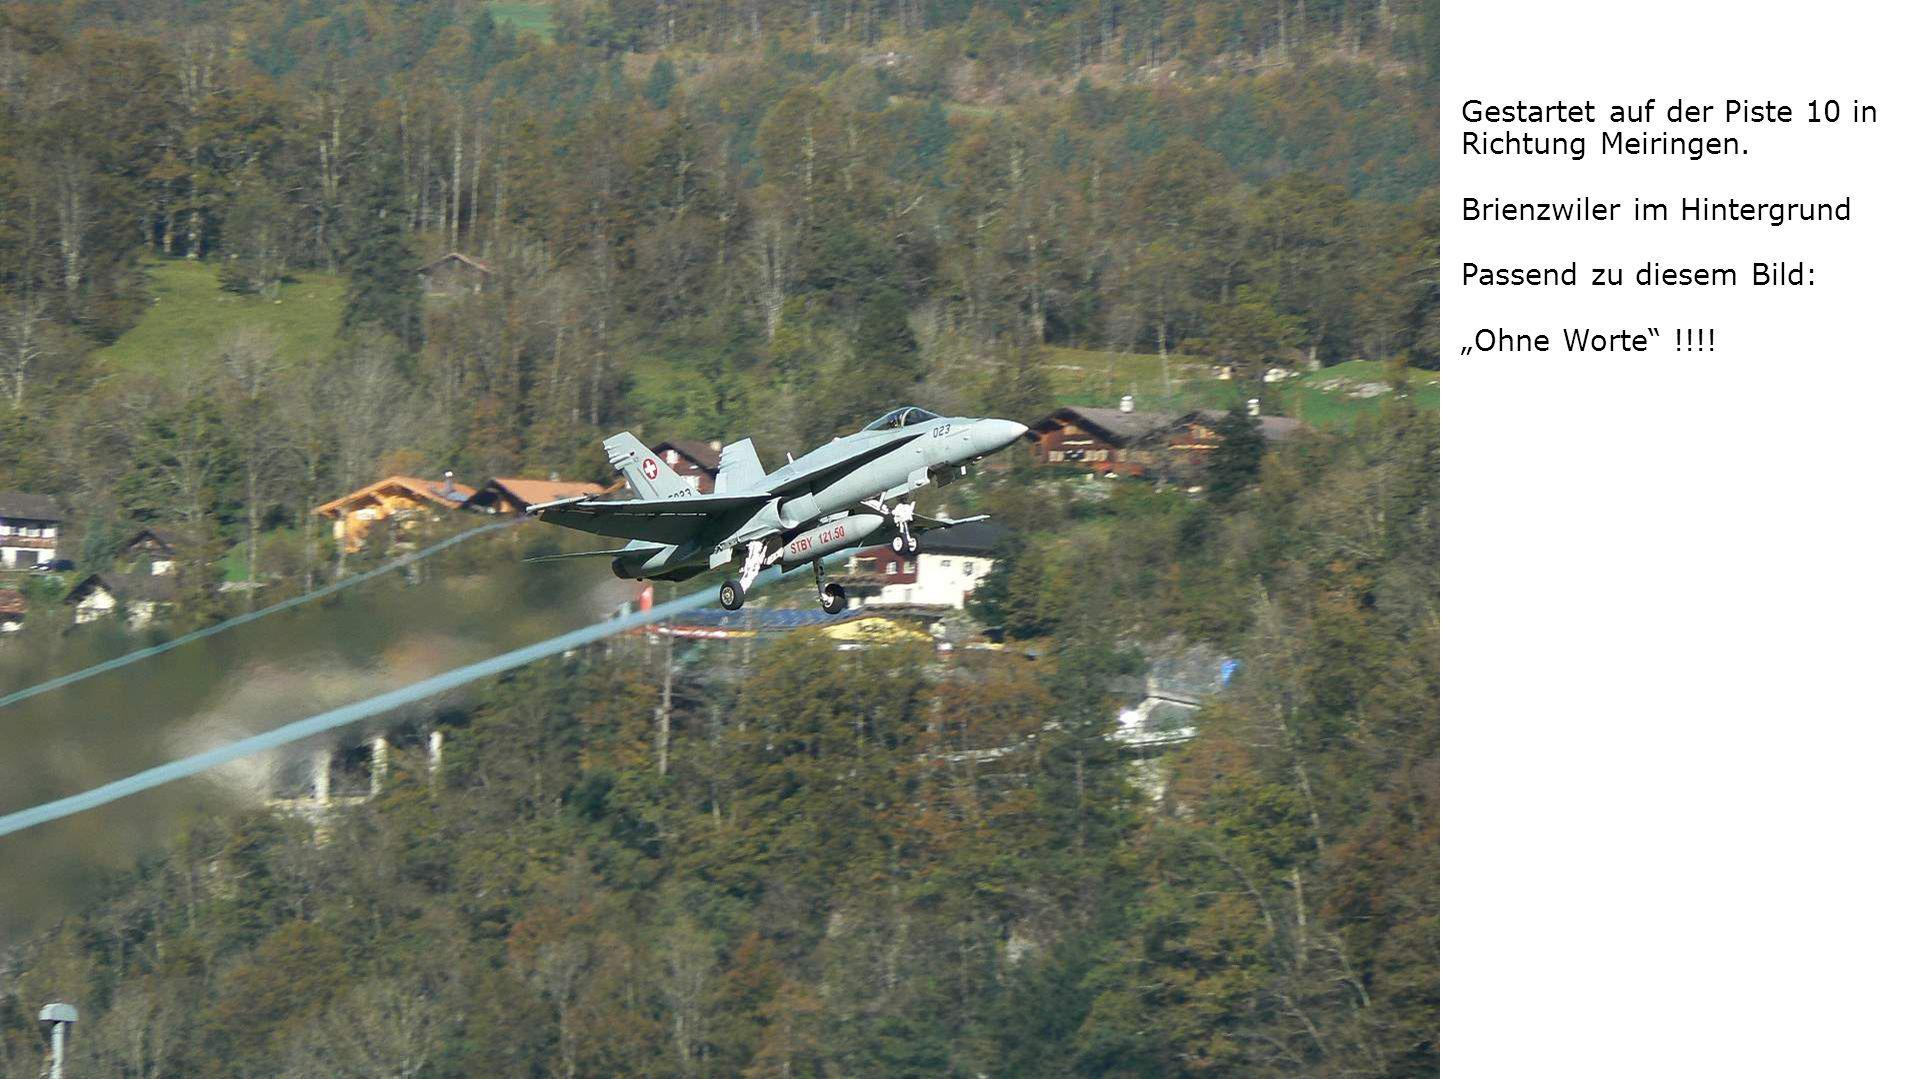 """Gestartet auf der Piste 10 in Richtung Meiringen. Brienzwiler im Hintergrund Passend zu diesem Bild: """"Ohne Worte"""" !!!!"""